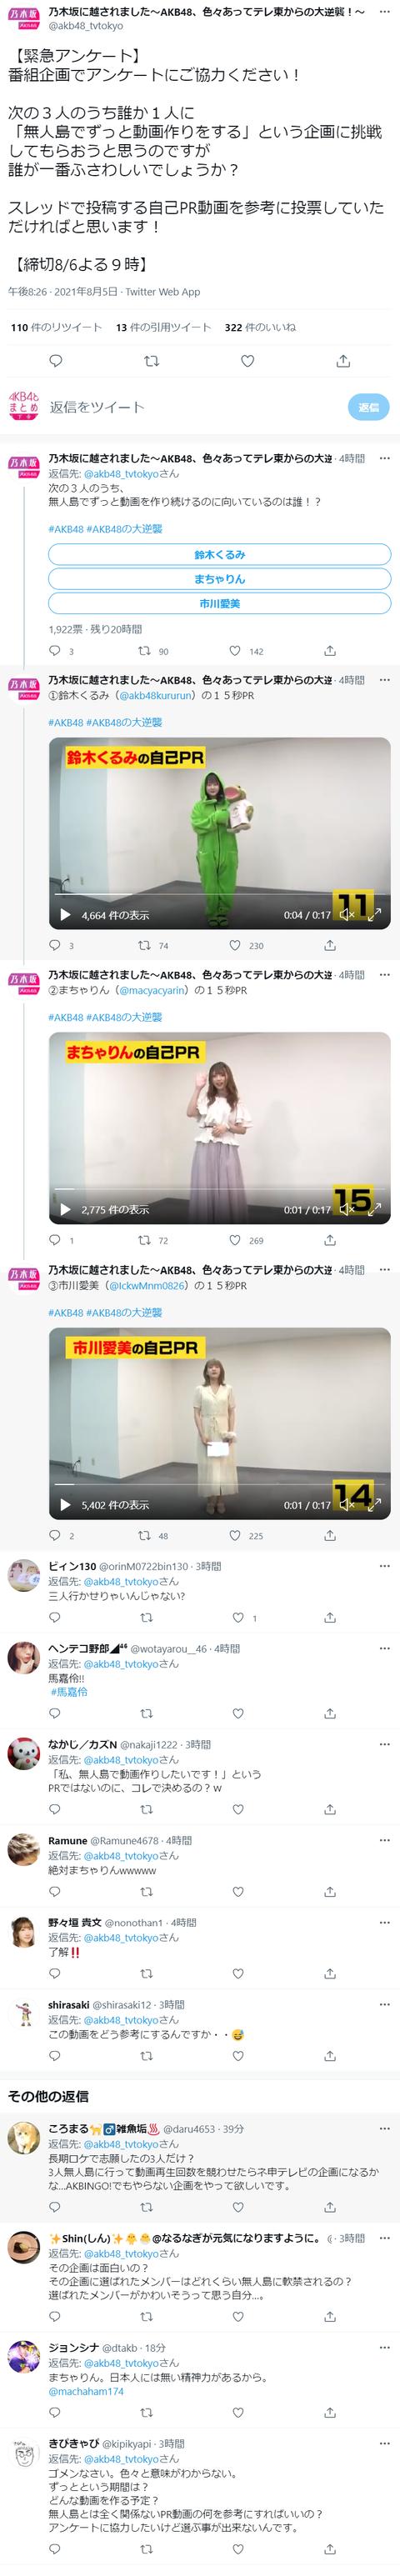 【AKB48】「乃木坂に越されました」番組企画アンケート